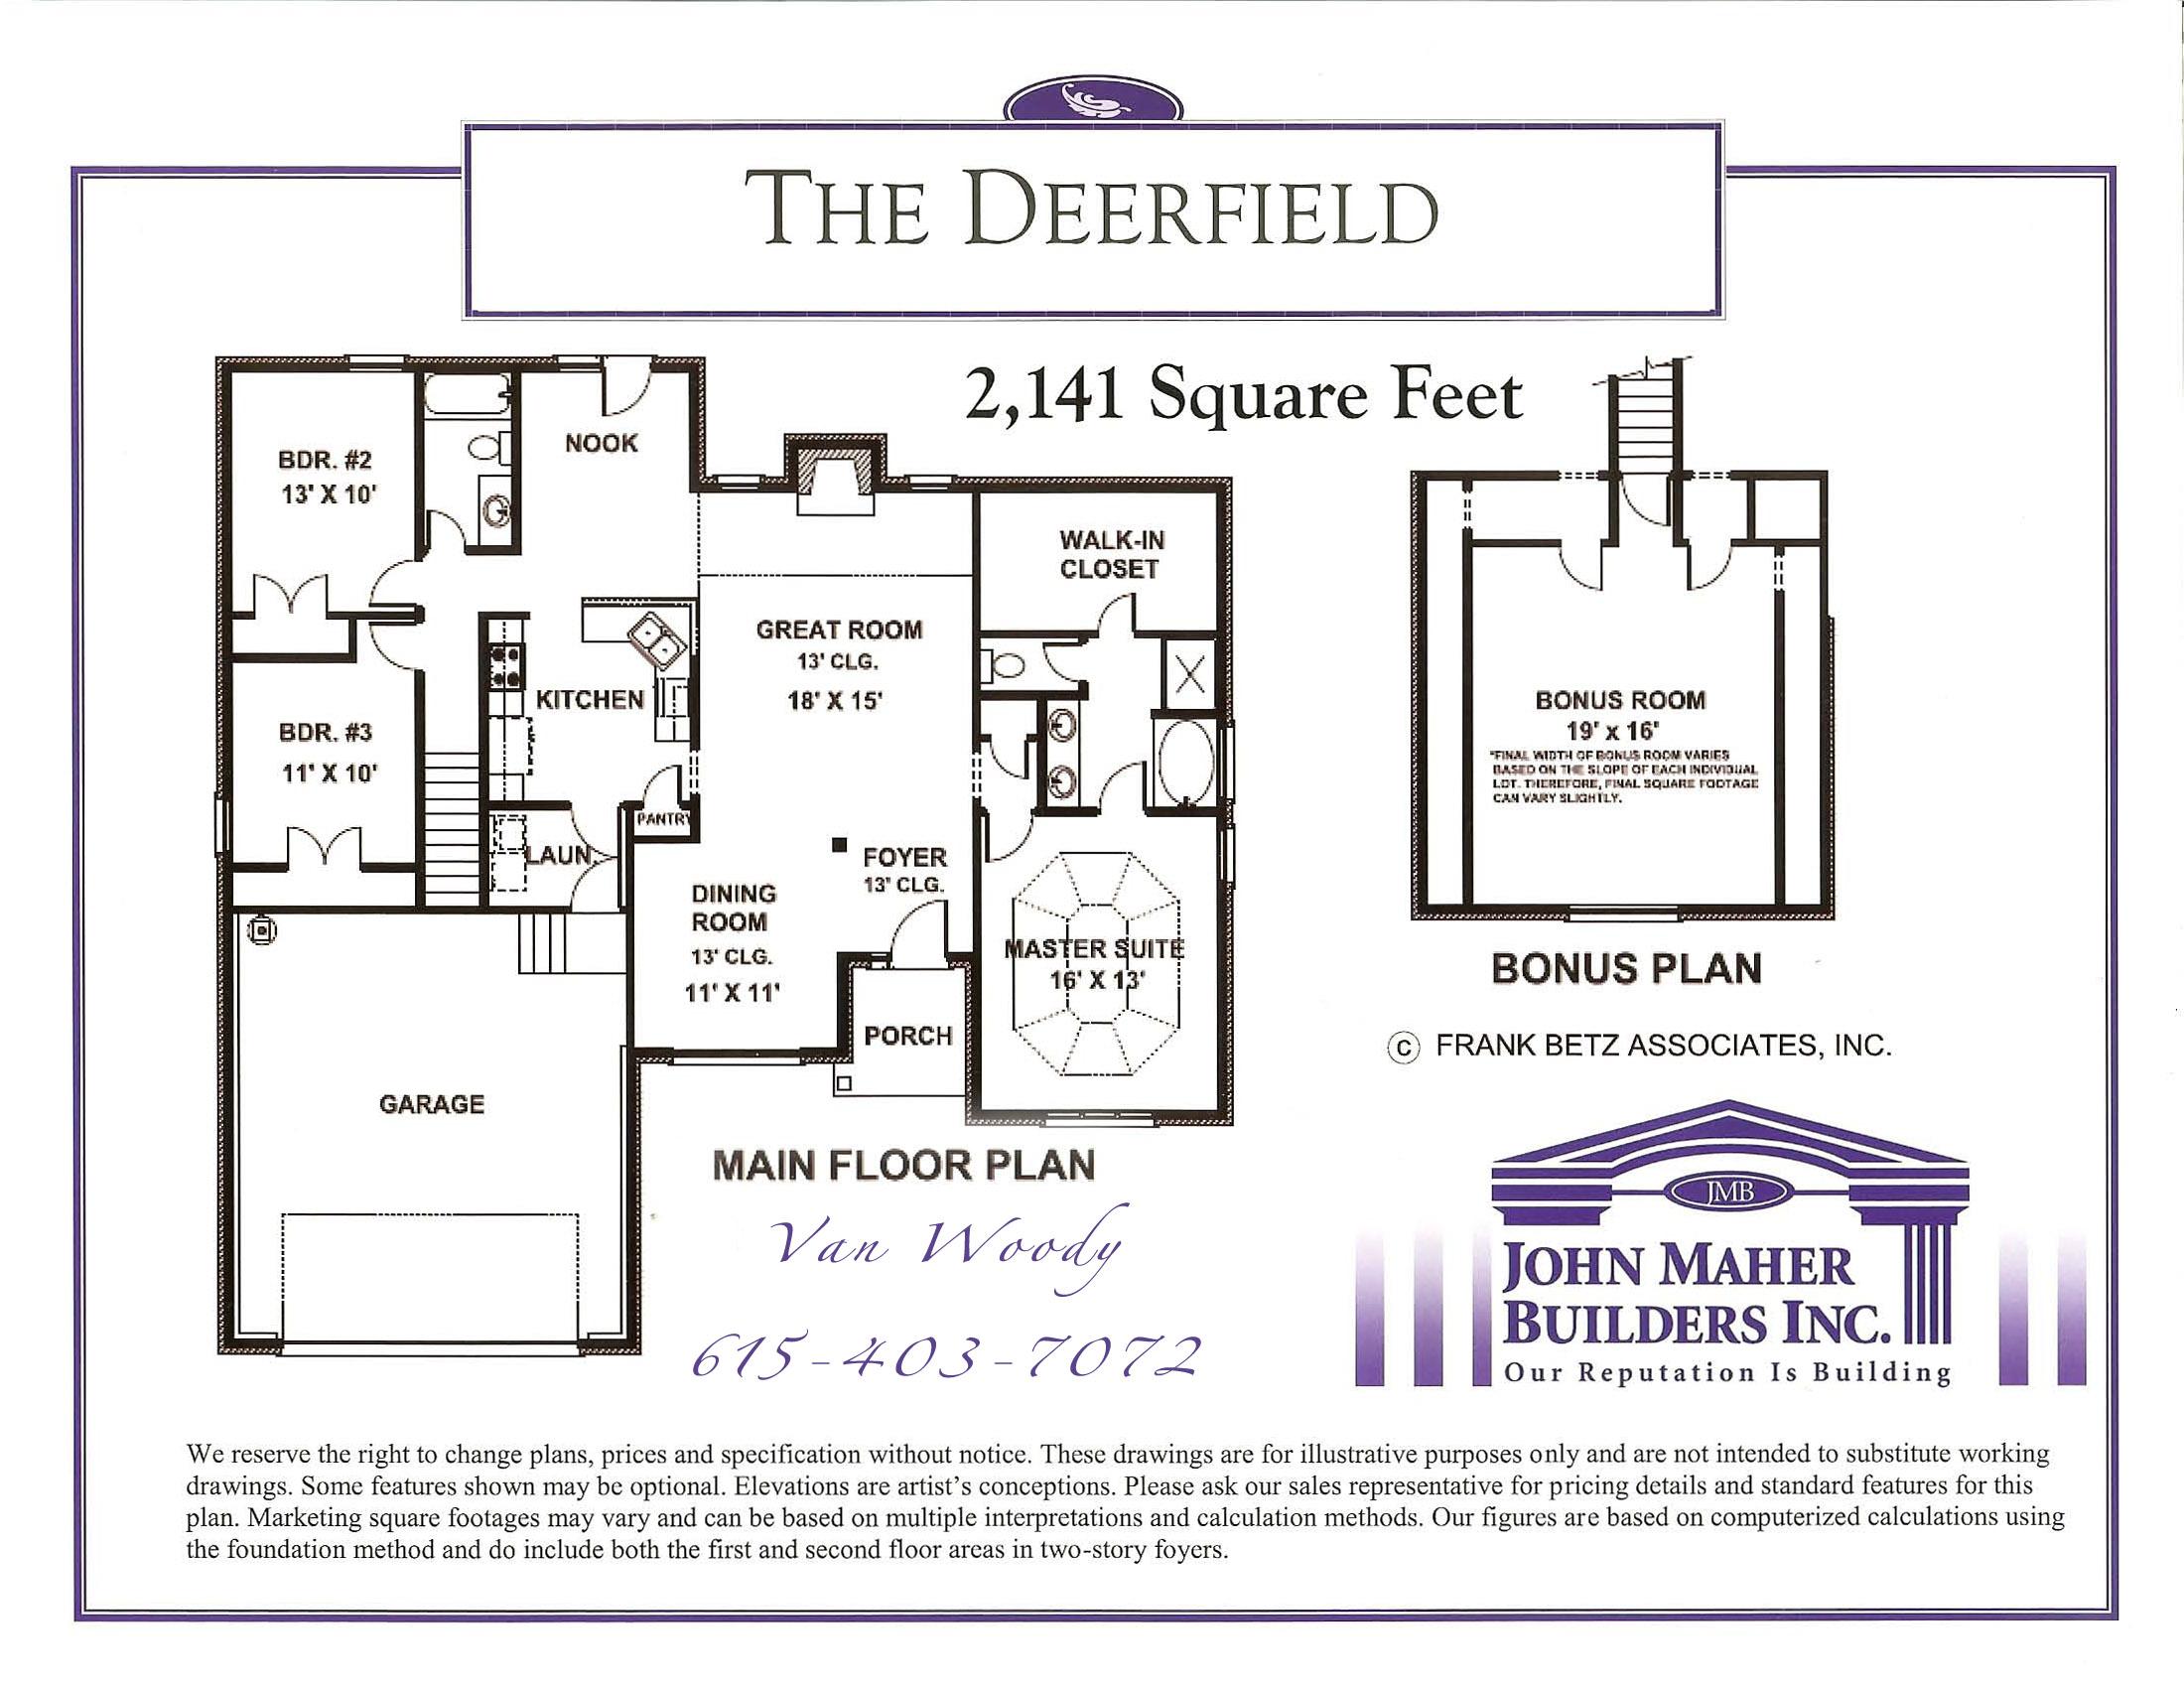 The Deerfield Plan in Wades Grove